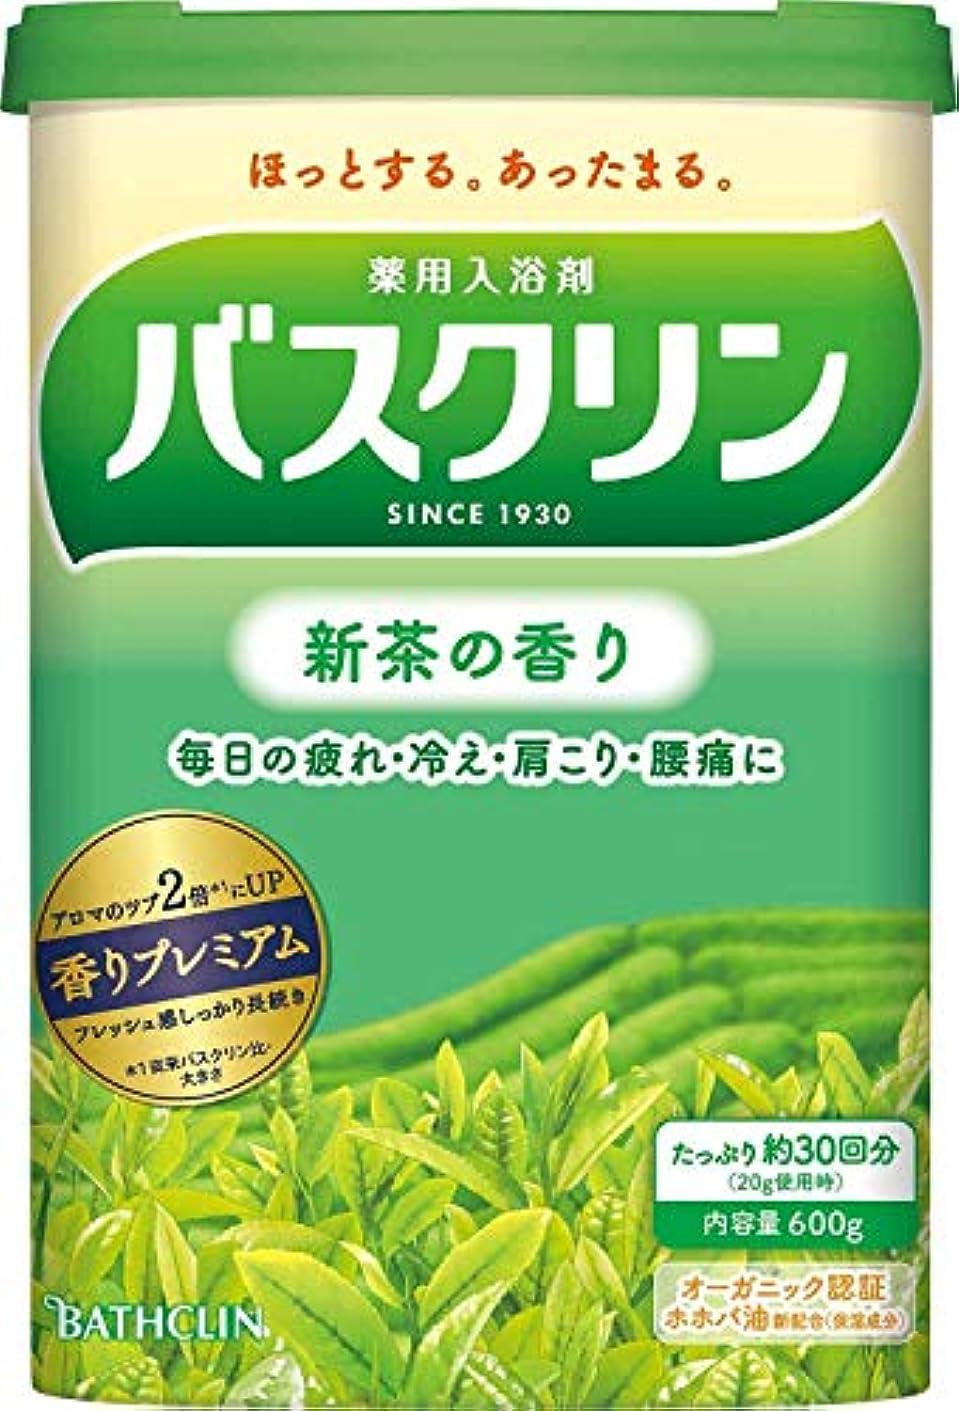 回復クラブ溶岩【医薬部外品】バスクリン新茶の香り600g入浴剤(約30回分)